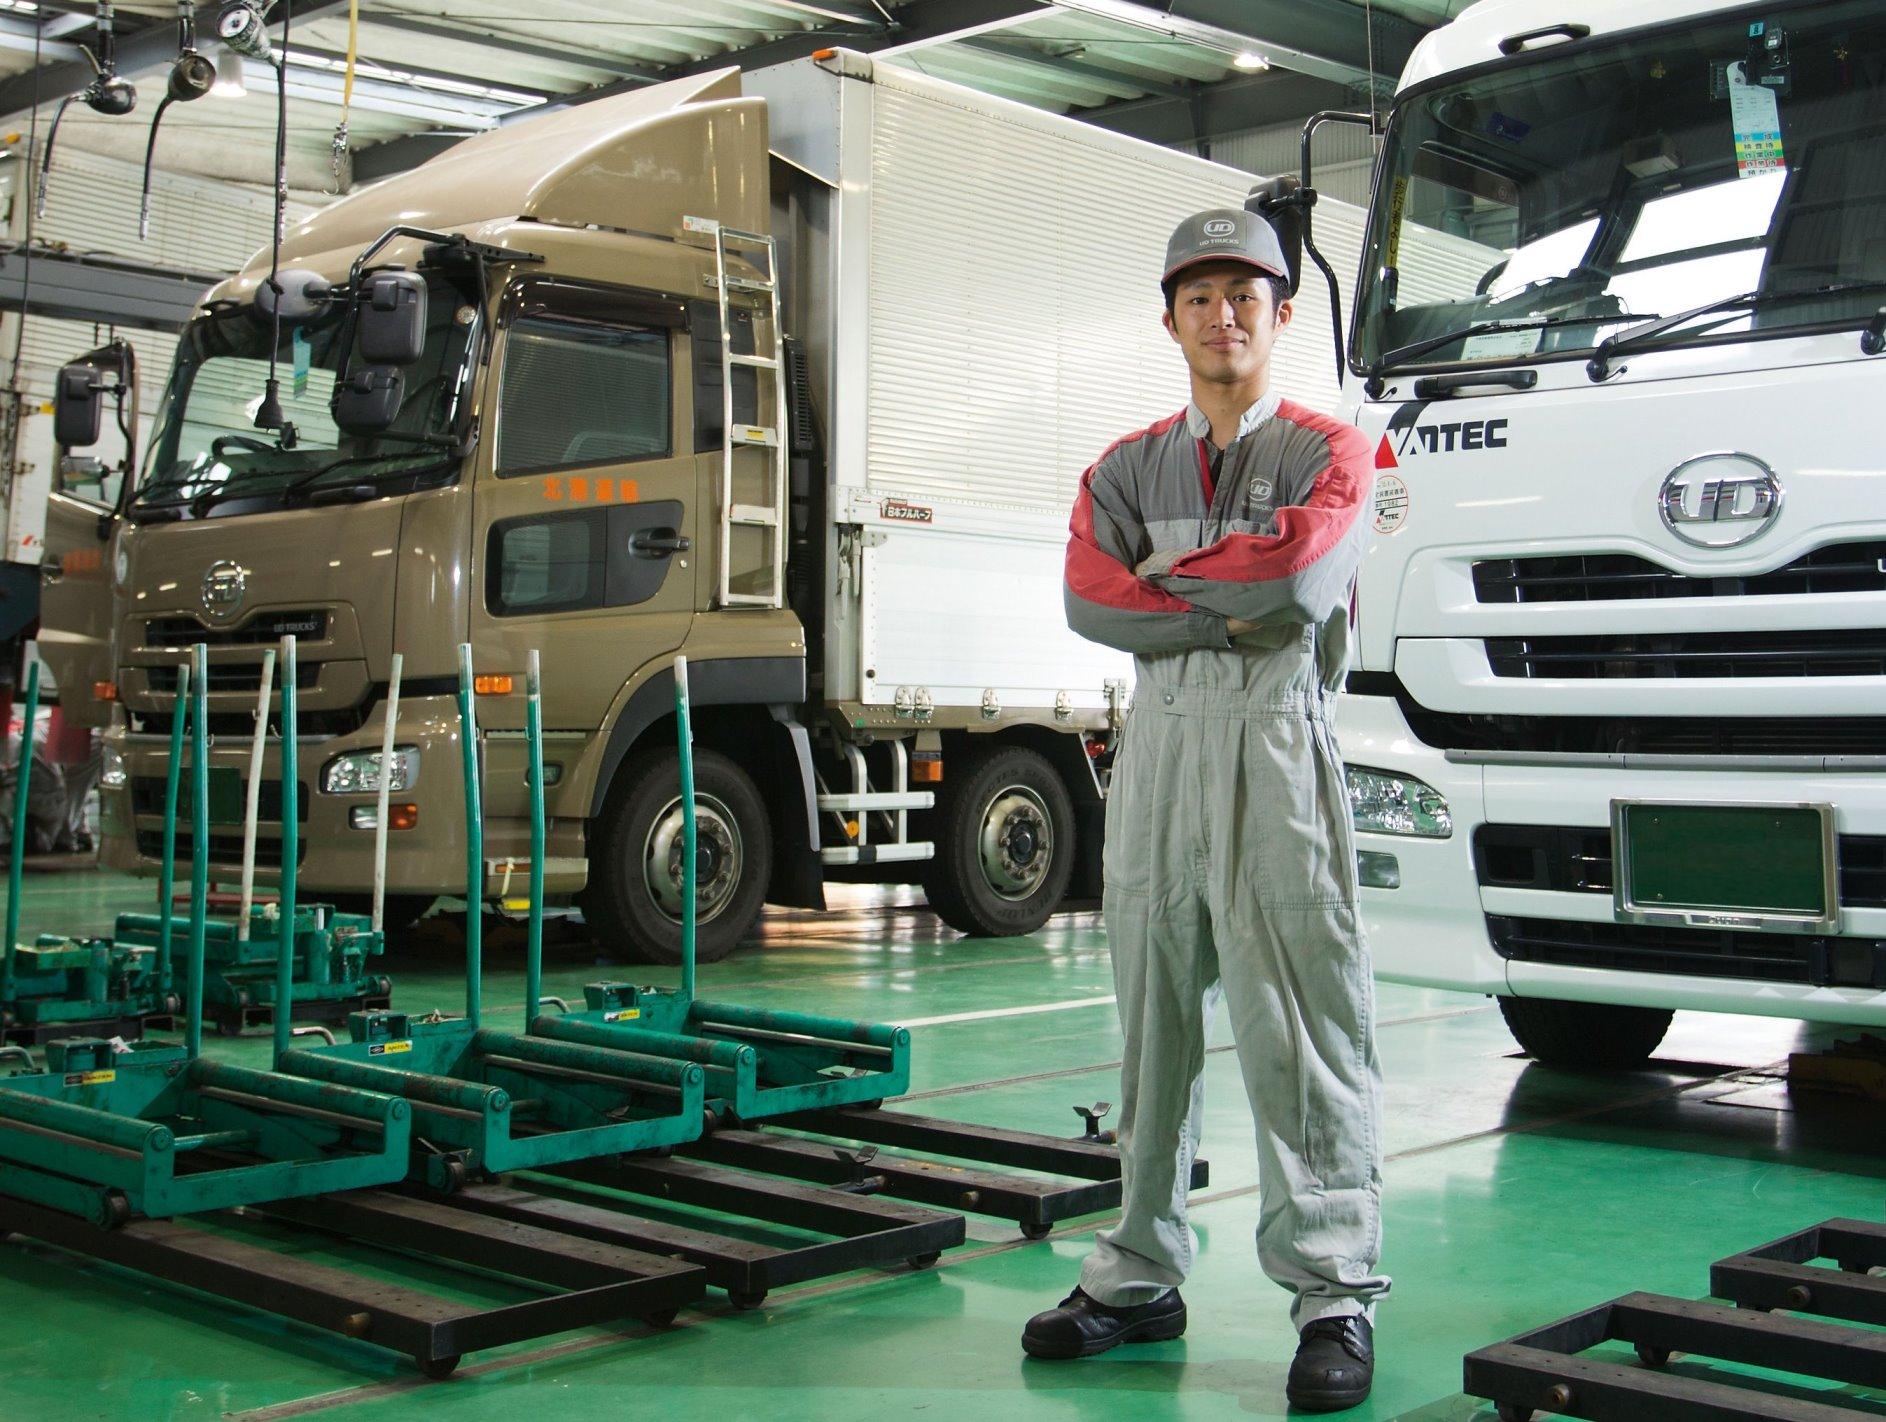 【正社員 神奈川県(横浜市都筑区)】高年収!残業少!大手トラックメーカーの整備士募集!